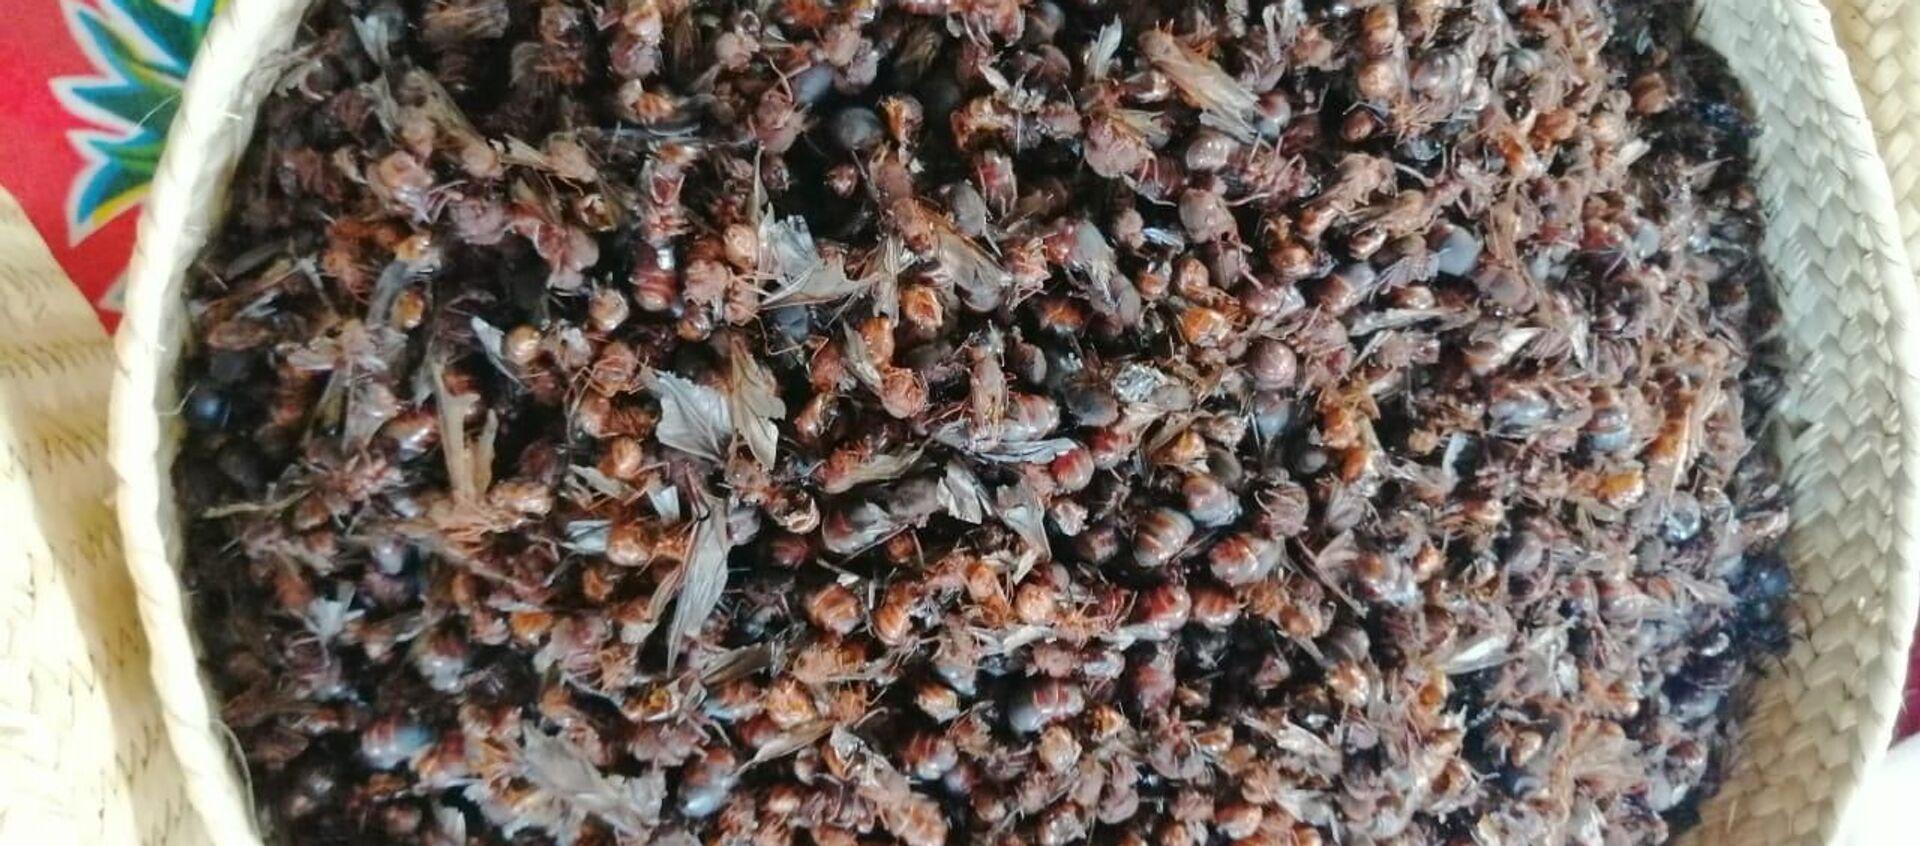 Las hormigas voladoras son un manjar de la cocina mesoamericana - Sputnik Mundo, 1920, 19.06.2019